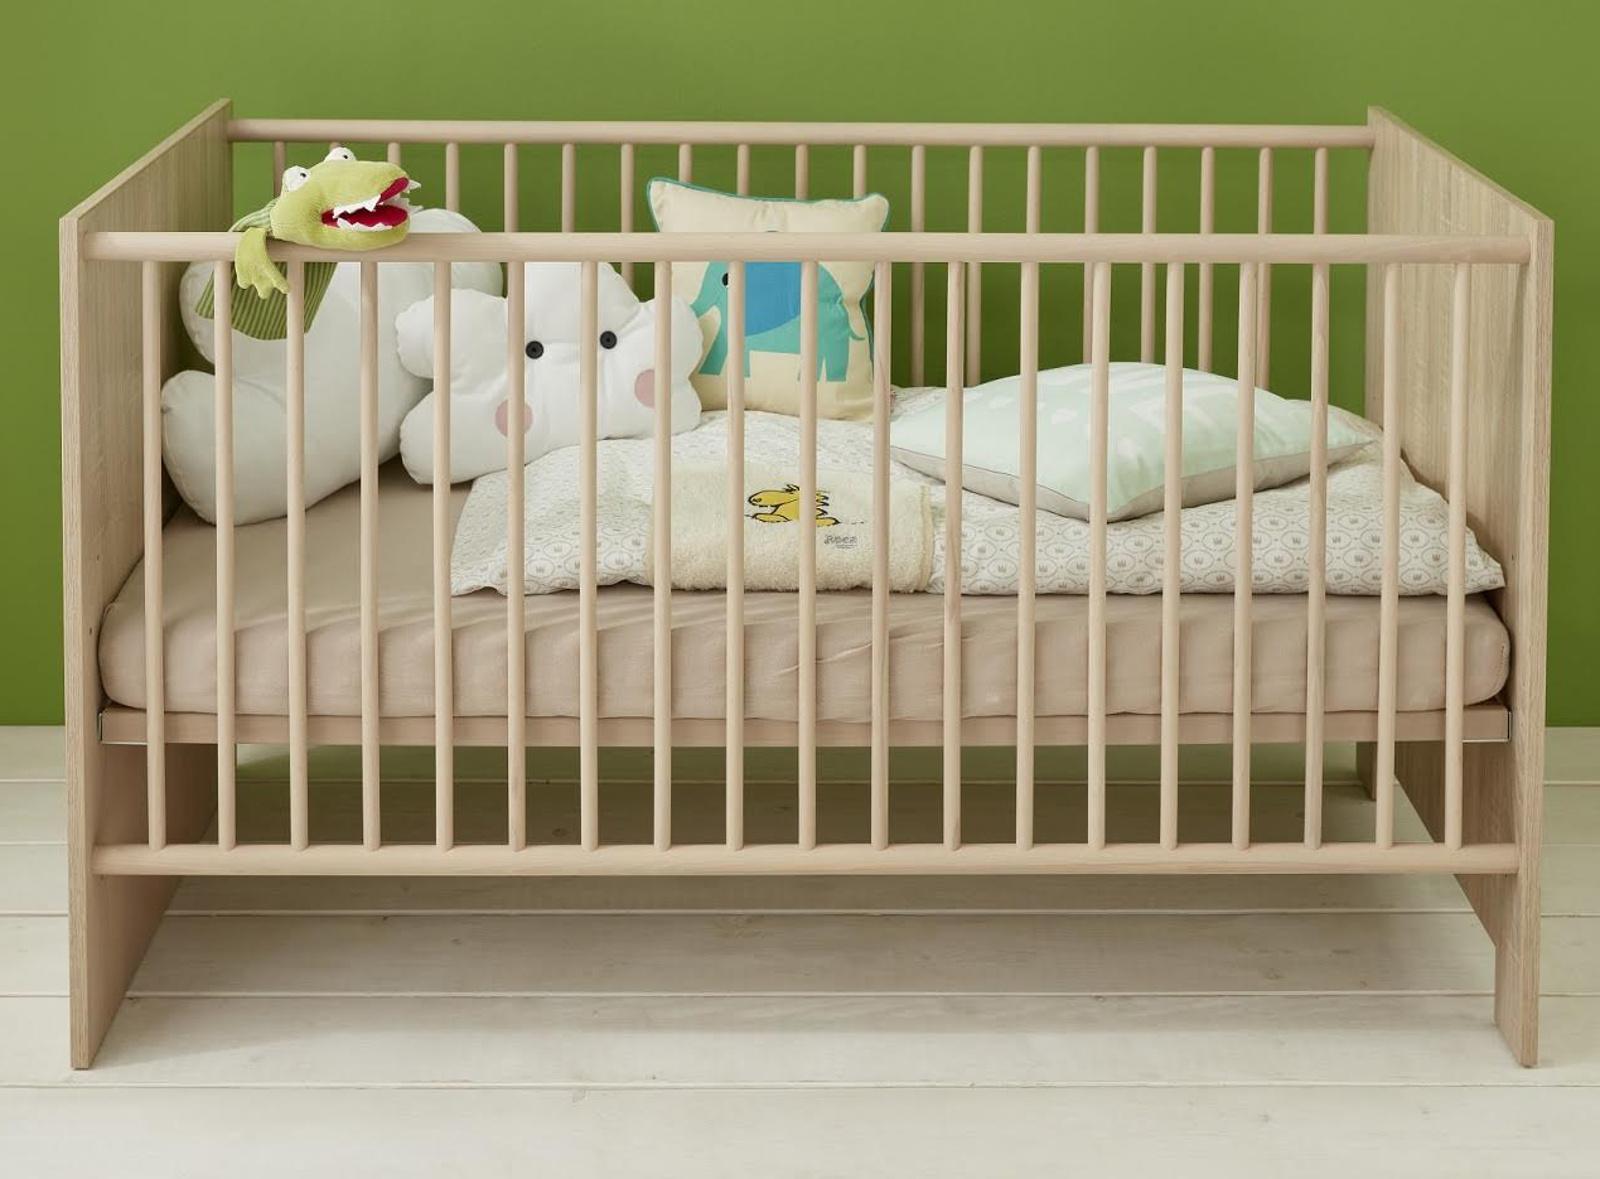 tisch esstisch s ulentisch wei hochglanz lack moda1 designerm bel moderne m bel owl. Black Bedroom Furniture Sets. Home Design Ideas